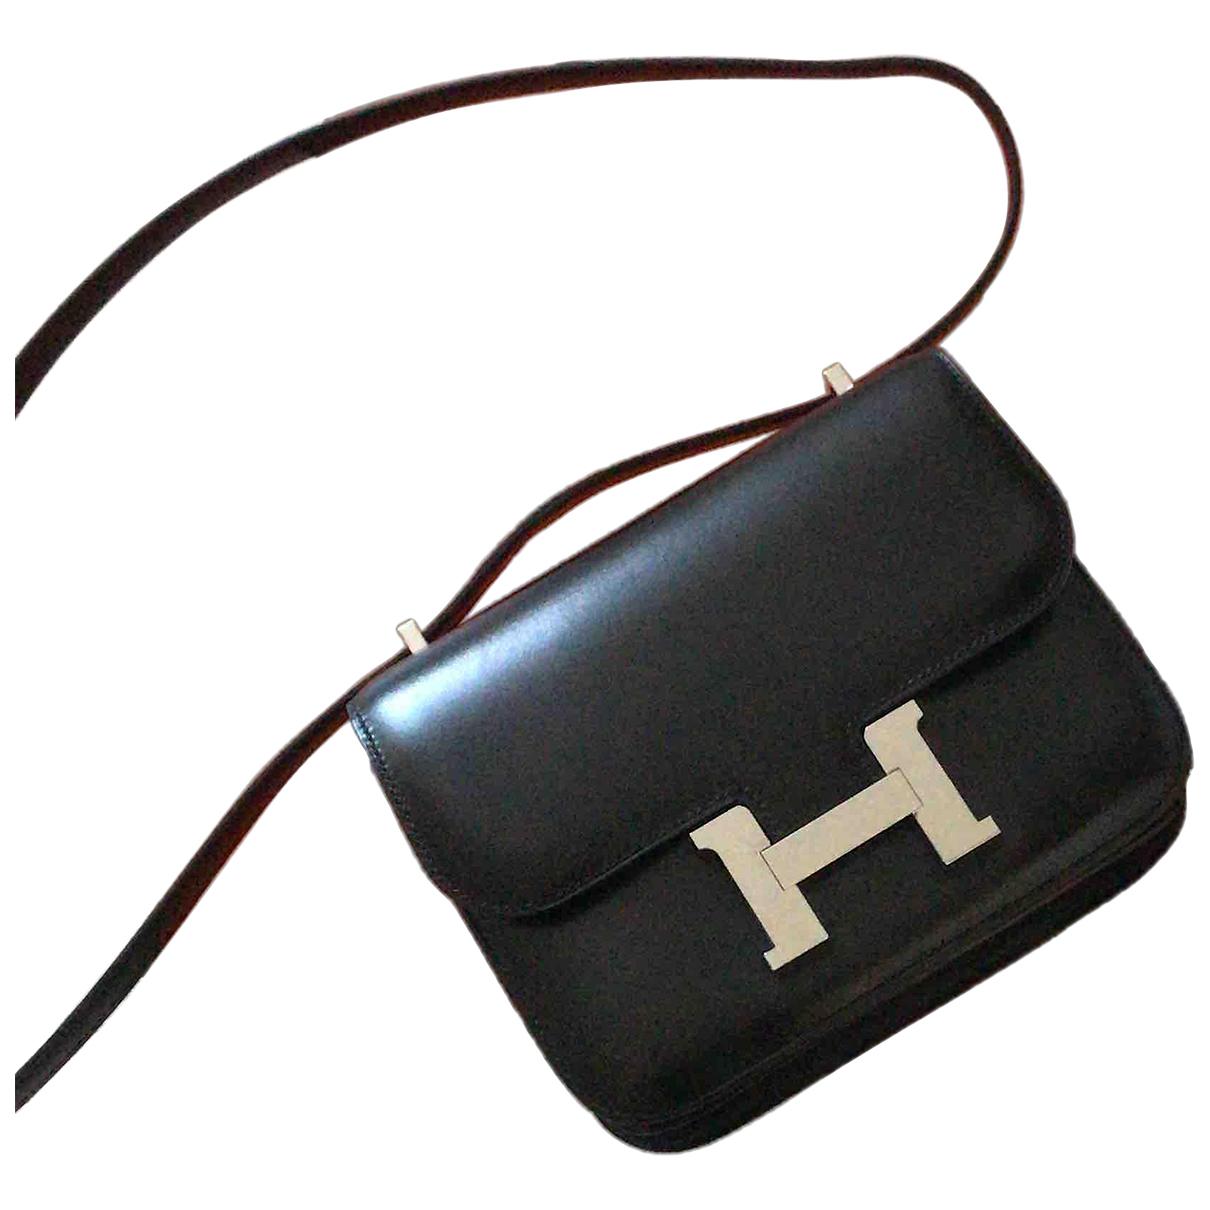 Hermes - Sac a main Constance pour femme en cuir - noir